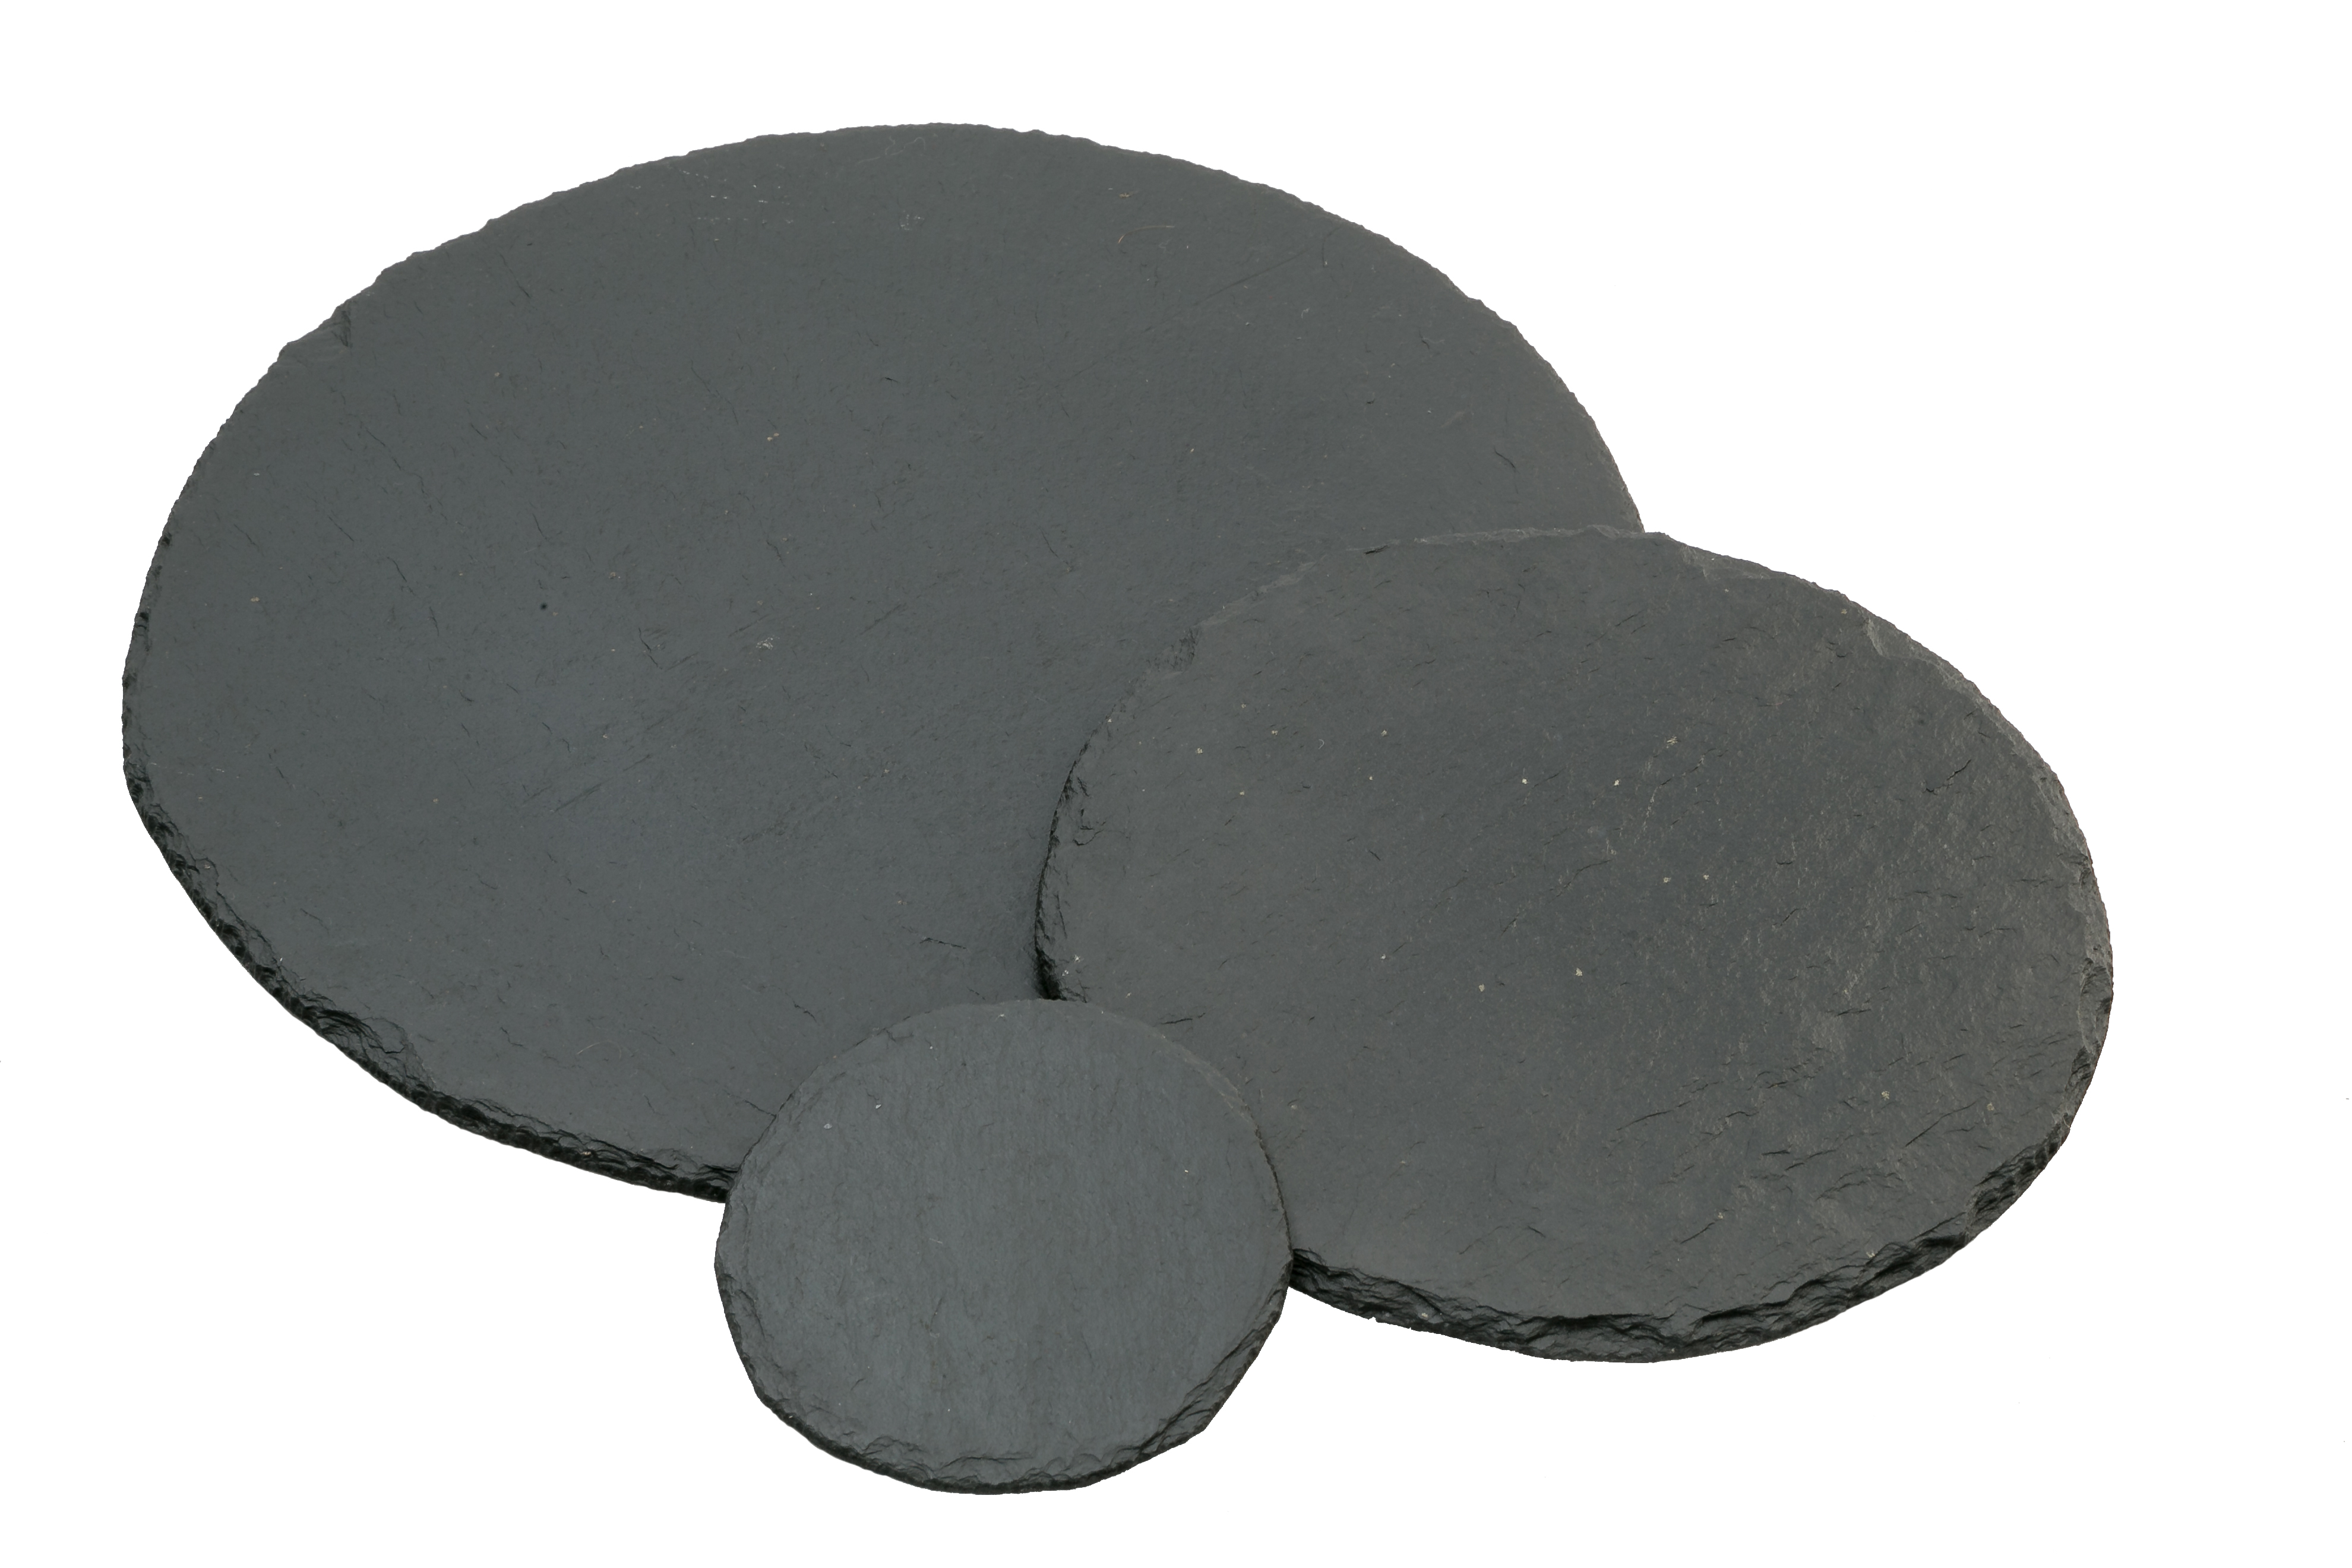 Schieferplatte Kreis/rund in versch. Größen